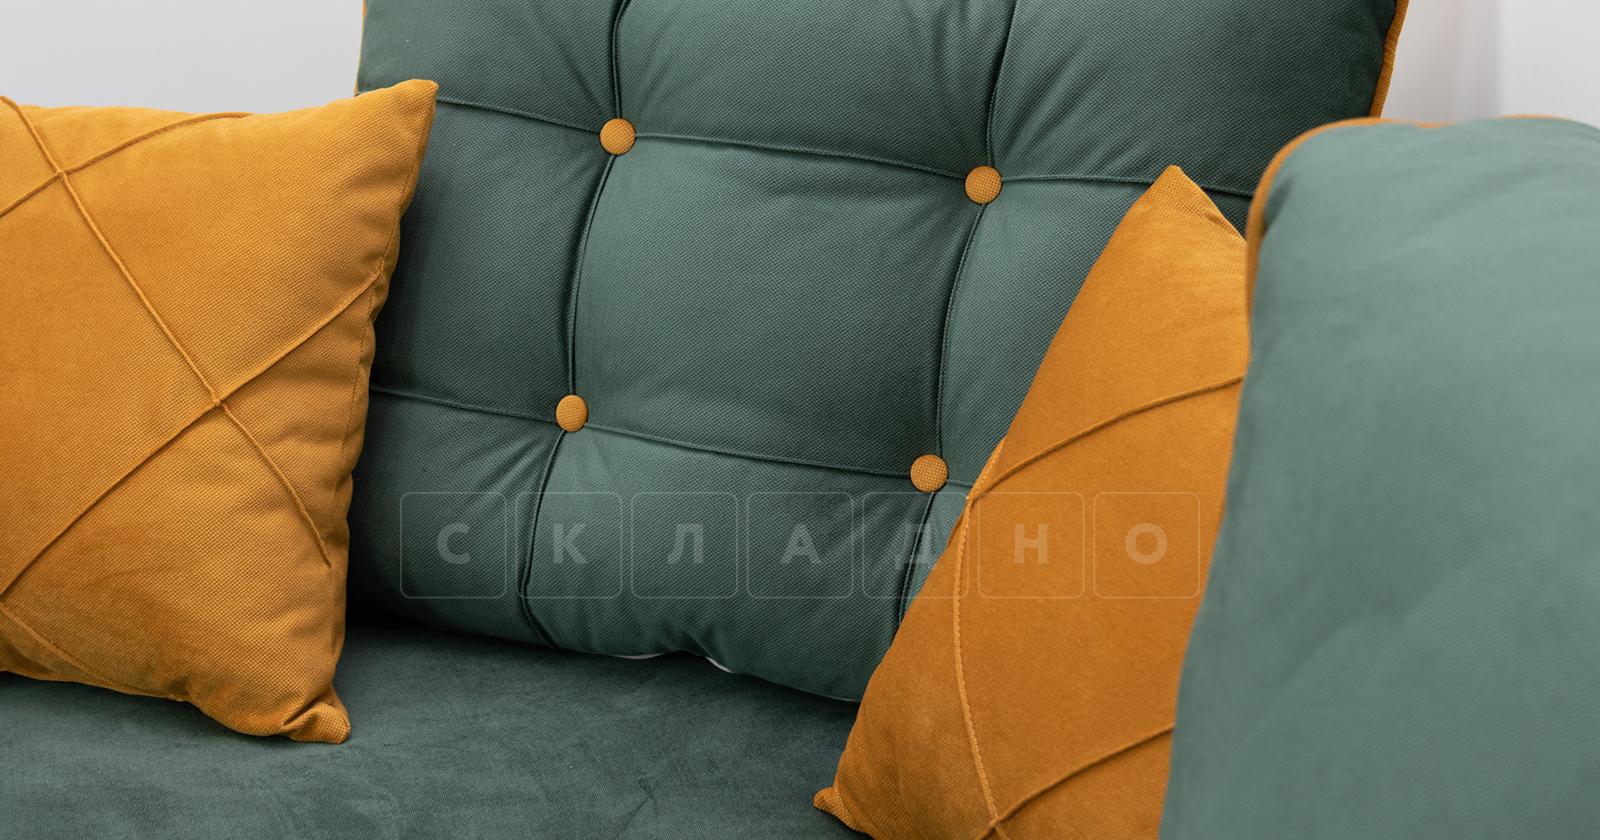 Диван-кровать угловой Флэтфорд нефритовый зеленый фото 11 | интернет-магазин Складно